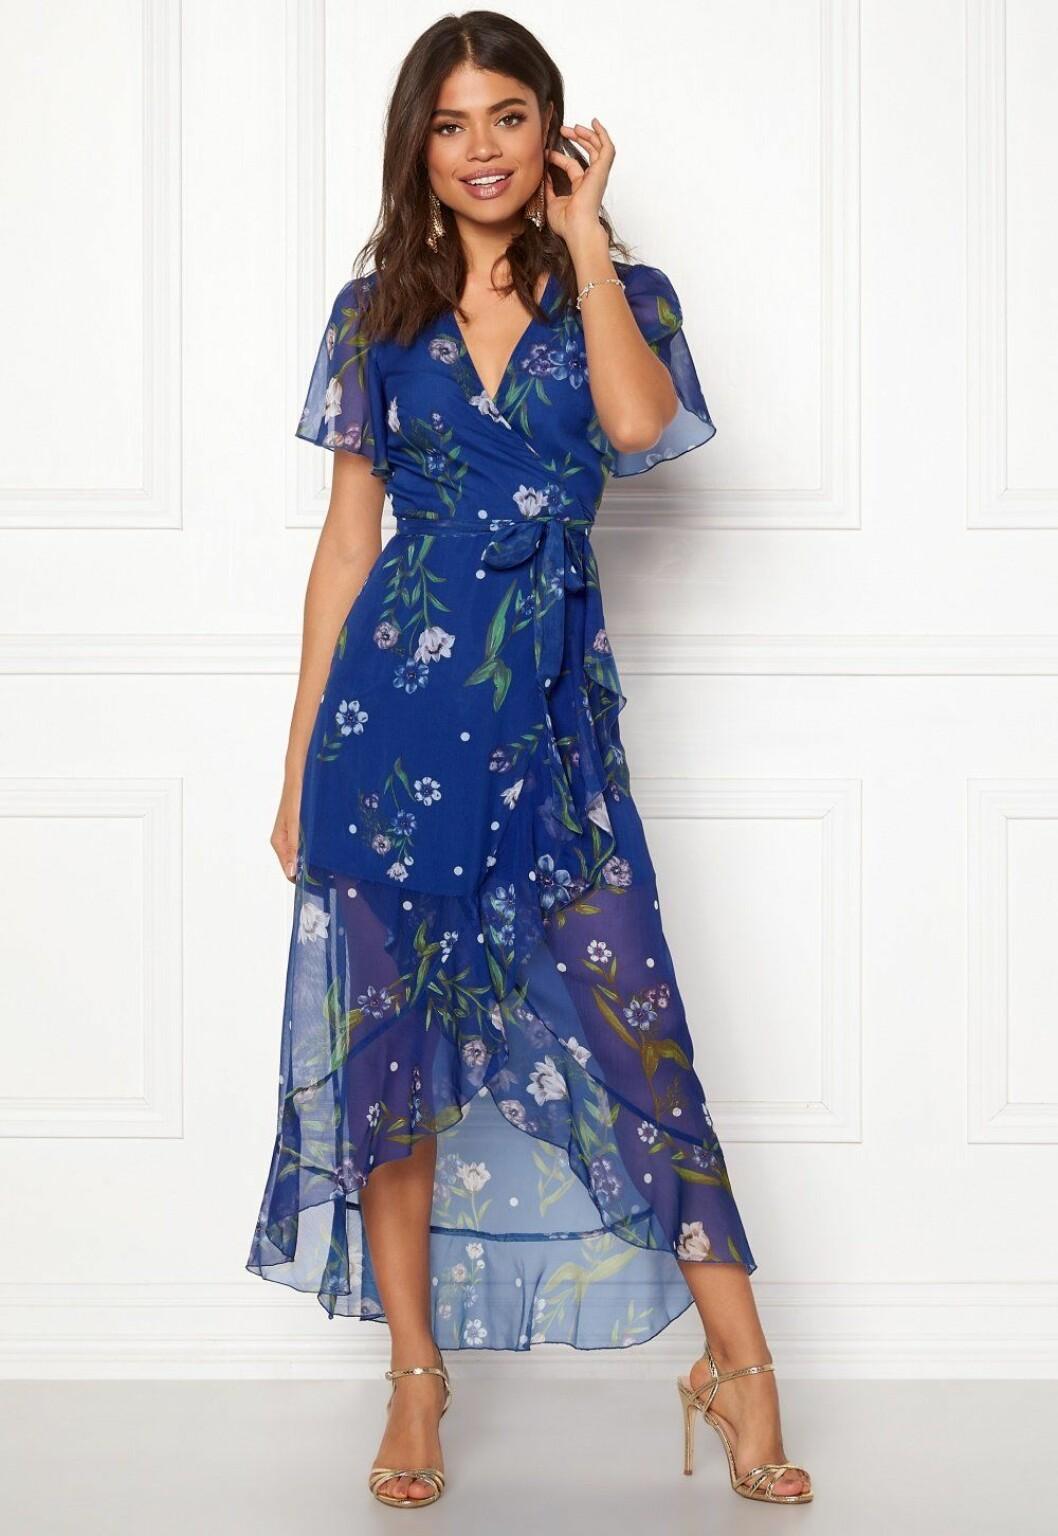 Blå klänning till bröllop i sommar